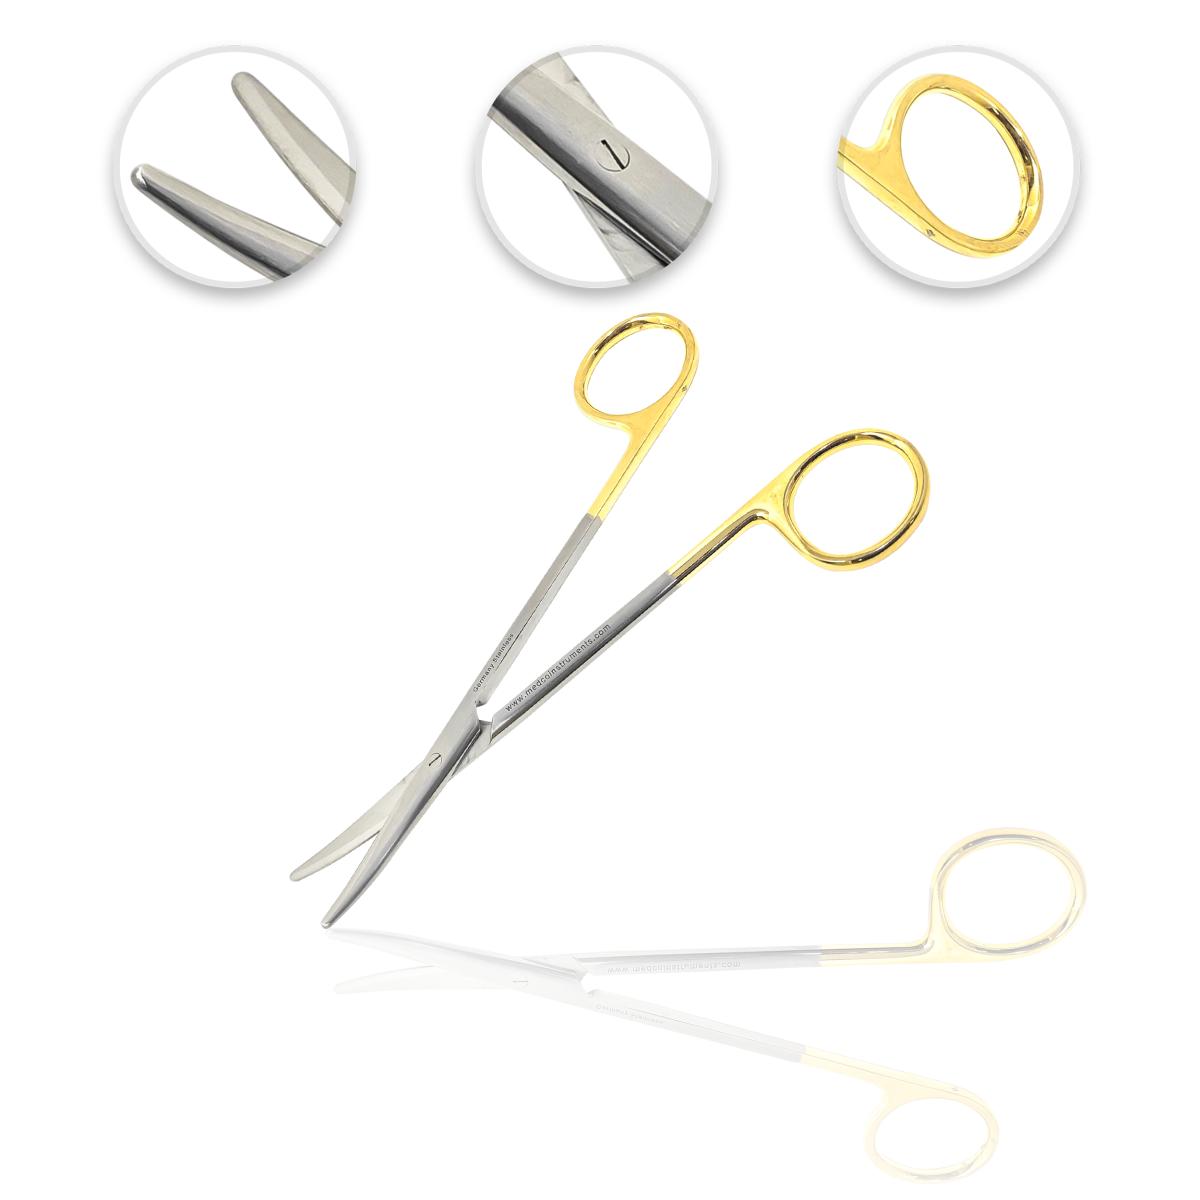 Metzenbaum Dissecting Scissors 6